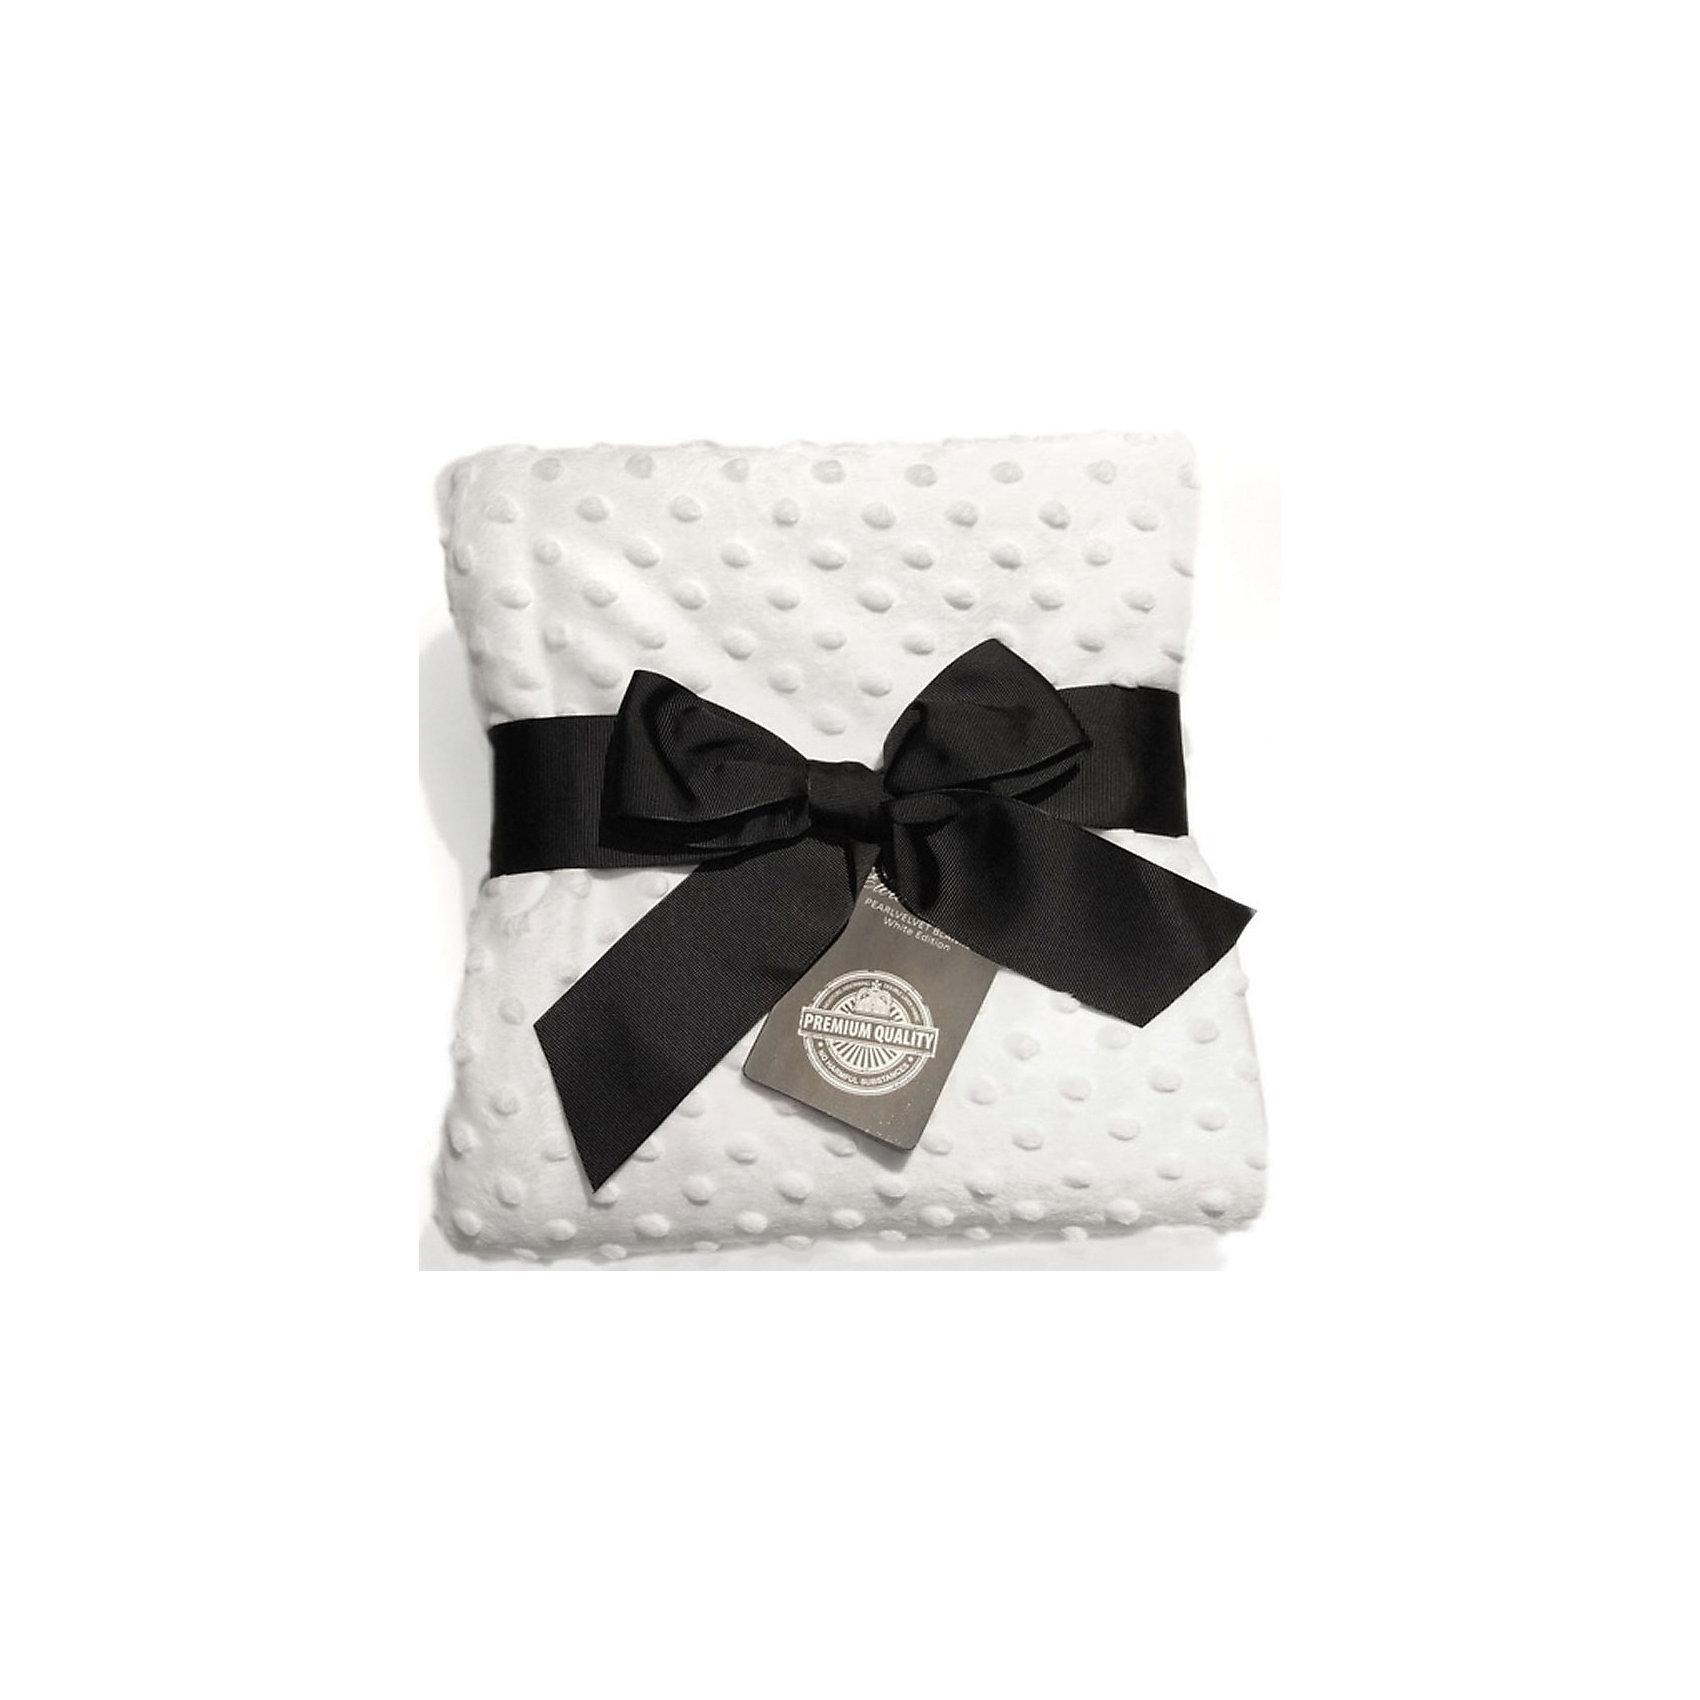 Плед White Edition, Elodie DetailsОдеяла, пледы<br>Плед Elodie Delails White Edition       Плед из двухслойной тканиидеально подойдет для коляски, будет очень удобен на пикнике, а также дома, когда малыша нужно укутать во что-то теплое.Приятный на ощупь материал пледа, сочетающий в себе мягкость плюша и нежность бархата, изготовлен по новейшим технологиям и обладает влагопоглощающей способностью. Важно отметить, что при многократной машинной стирке детское одеяло не изменит своего первоначального вида: не сядет и не потеряет прежней мягкости.       -размер: 70х100 см    -двойной слой влагопоглощающей ткани      -рекомендована машинная стирка       Коллекция White Edition выполнена в элегантном белом цвете, что дает широкое поле для стильных экспериментов. Несколько детских аксессуаров из одной серии не только будут полезны для малыша, но и выгодно выделят молодую маму на прогулке.        Коляски, конверты, нагрудники, клипсы для пустышек, сумки для мам - все это необходимые вещи повседневной жизни мамы и ребенка. Шведская компания Elodie detalis создает эти предметы уникальными и неповторимыми. Превосходное качество, стиль и практичность сделали компанию популярной во всем мире.<br><br>Ширина мм: 450<br>Глубина мм: 230<br>Высота мм: 30<br>Вес г: 380<br>Возраст от месяцев: 0<br>Возраст до месяцев: 36<br>Пол: Унисекс<br>Возраст: Детский<br>SKU: 4966114